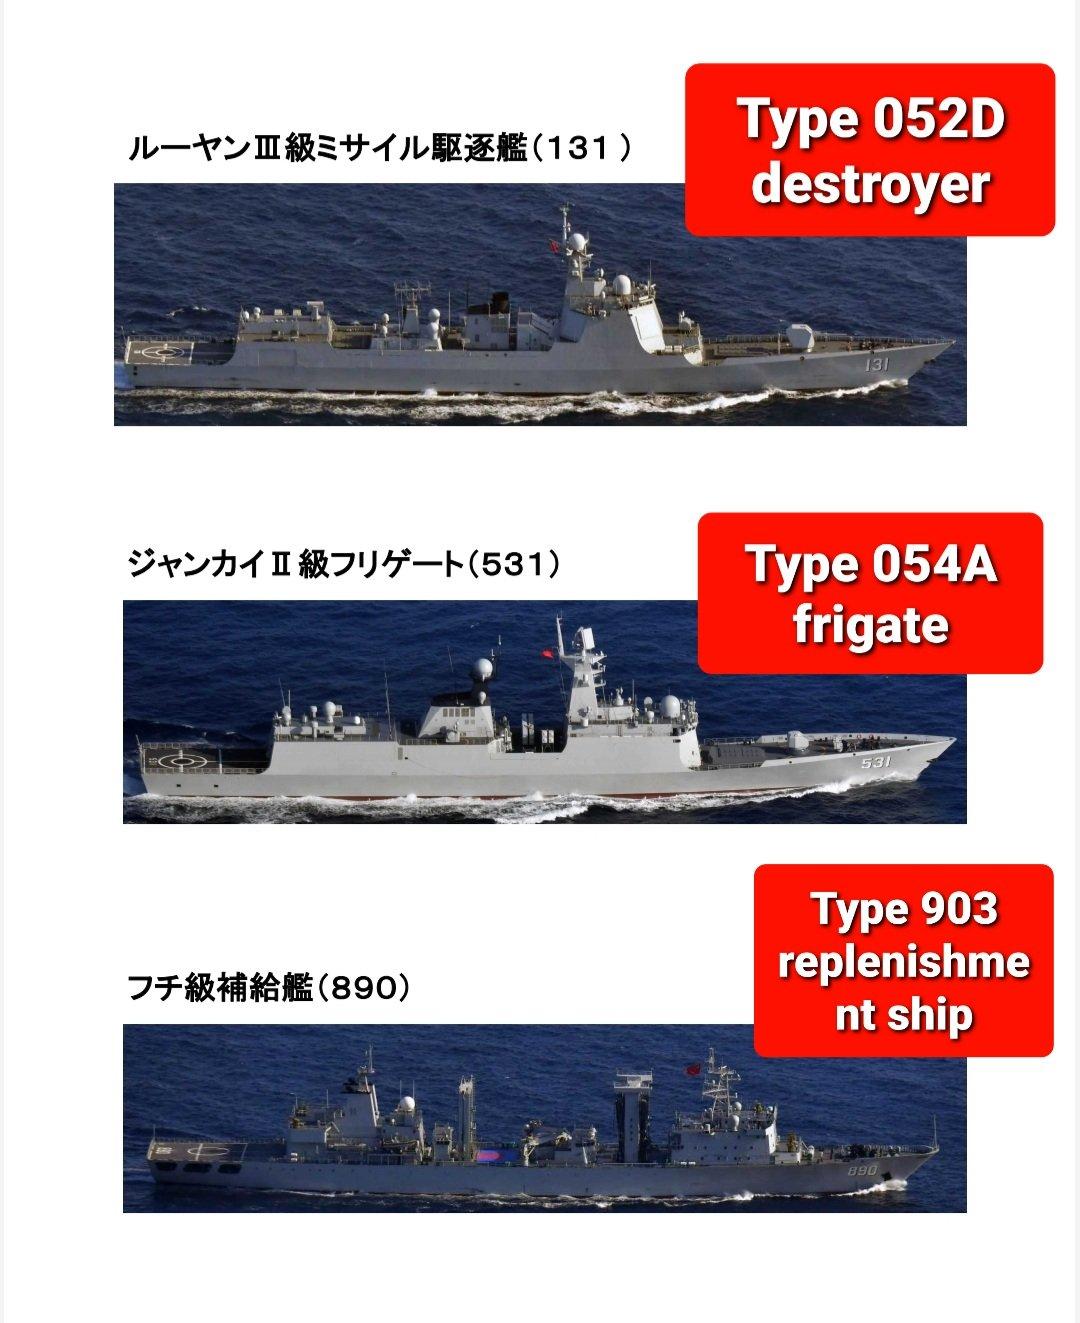 D506A9A2-E0DF-479E-8CC4-D11DBD50576D.jpeg